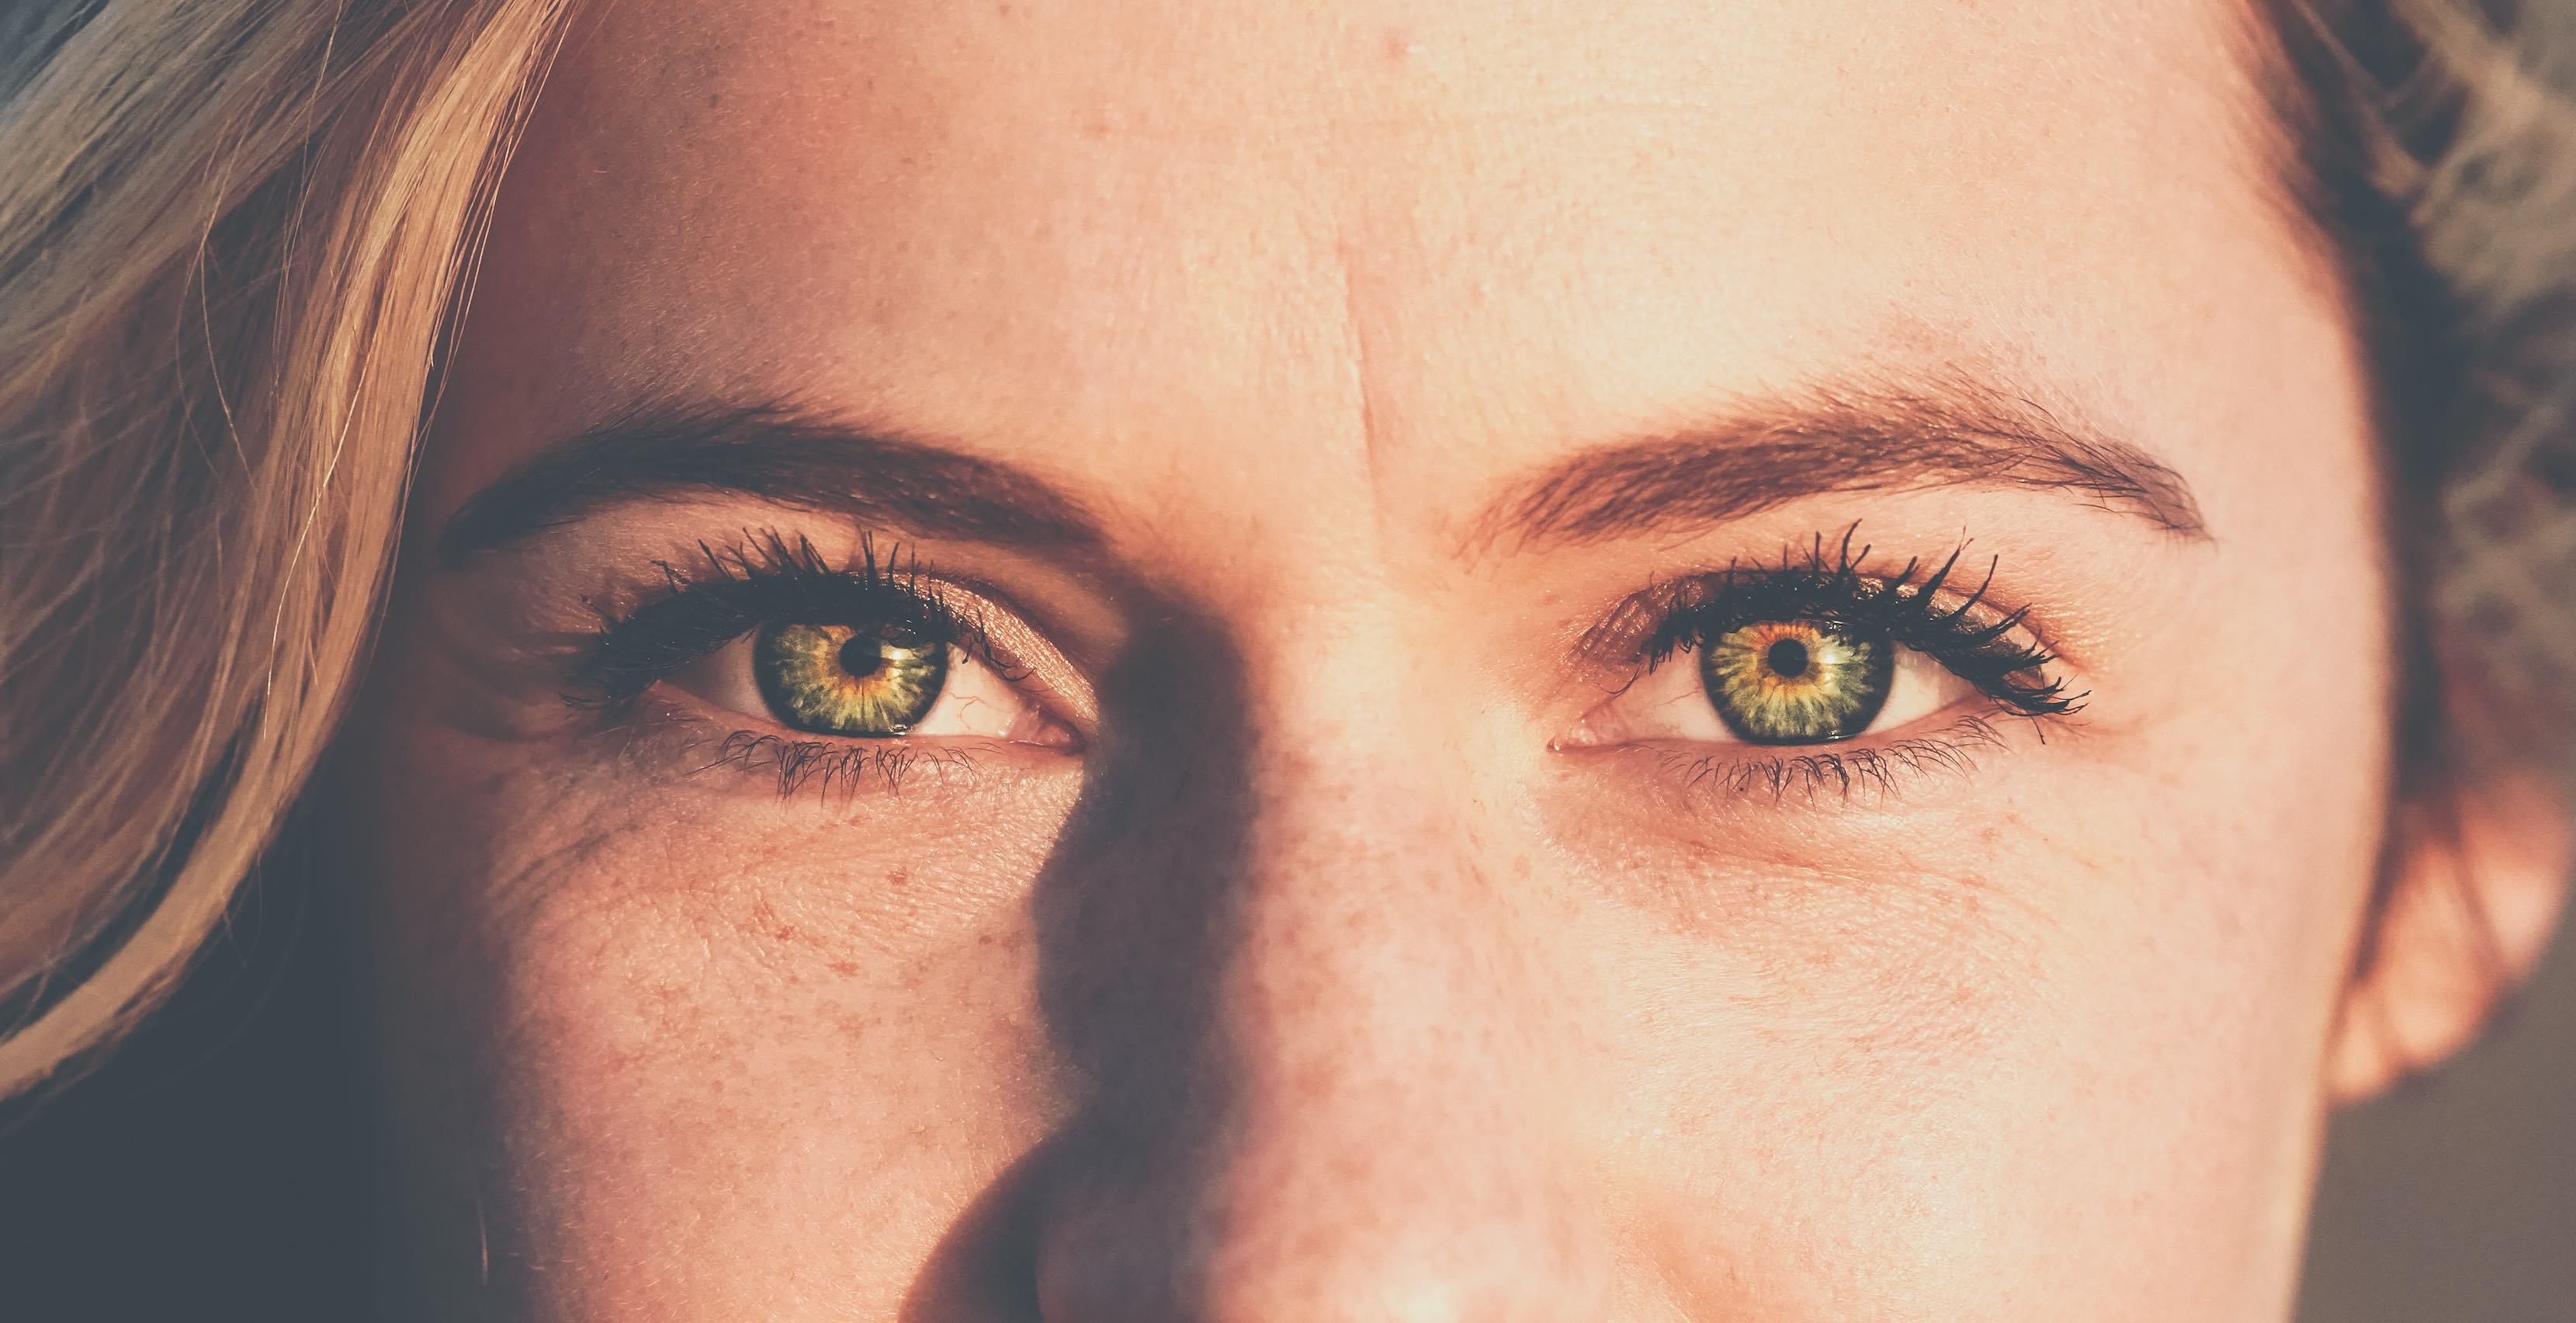 Good eye contact